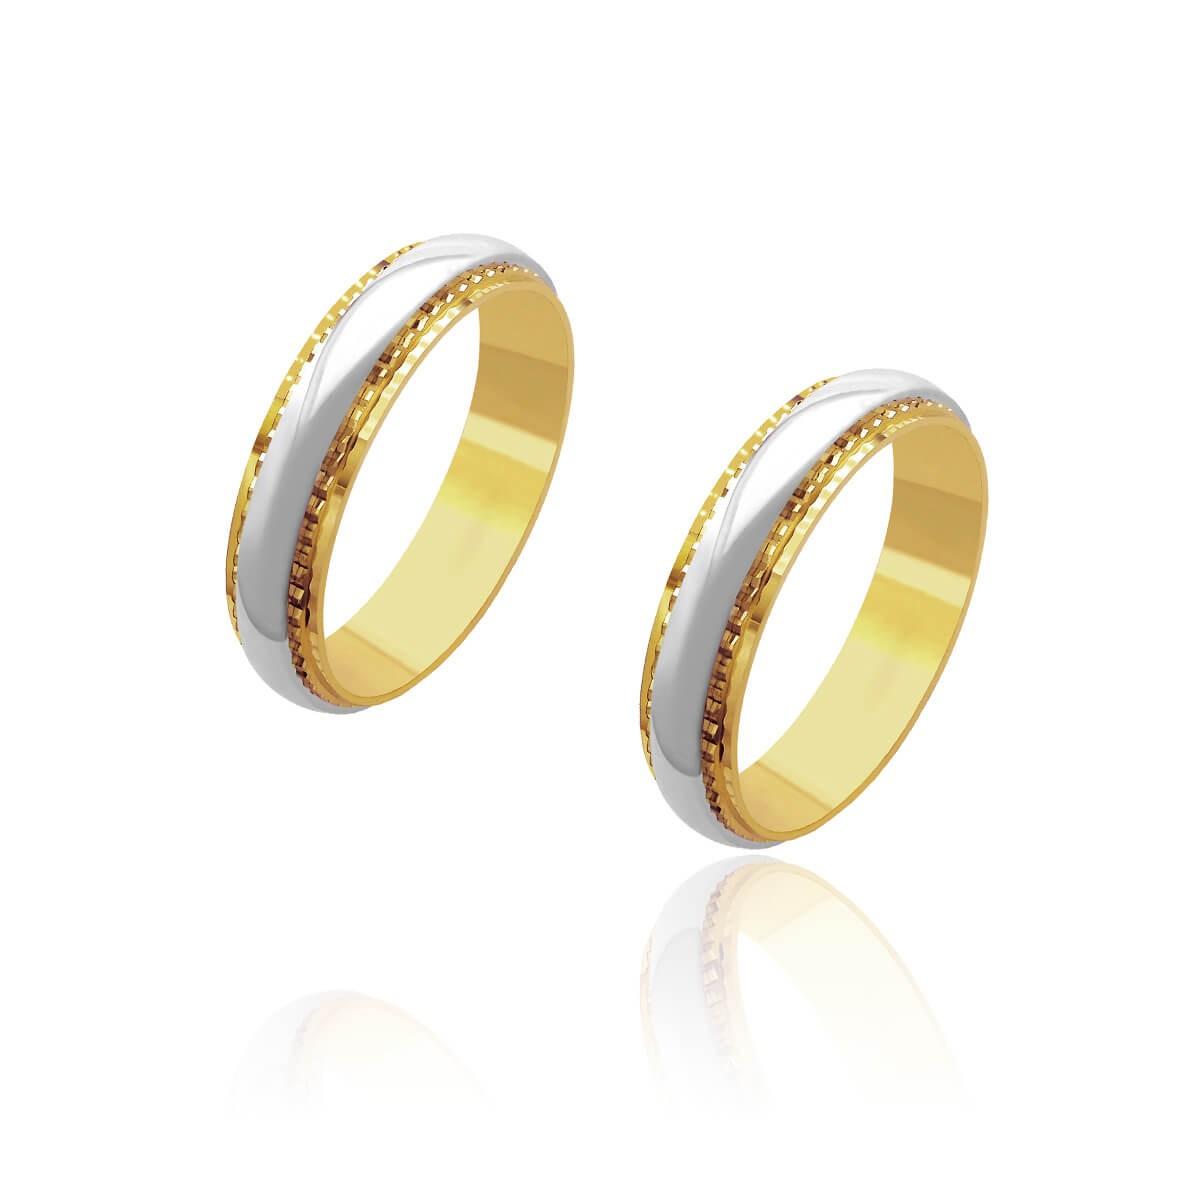 Par de Alianças de Casamento Artemis Ouro 18k Trabalhada Friso Ouro Branco 5mm 10g